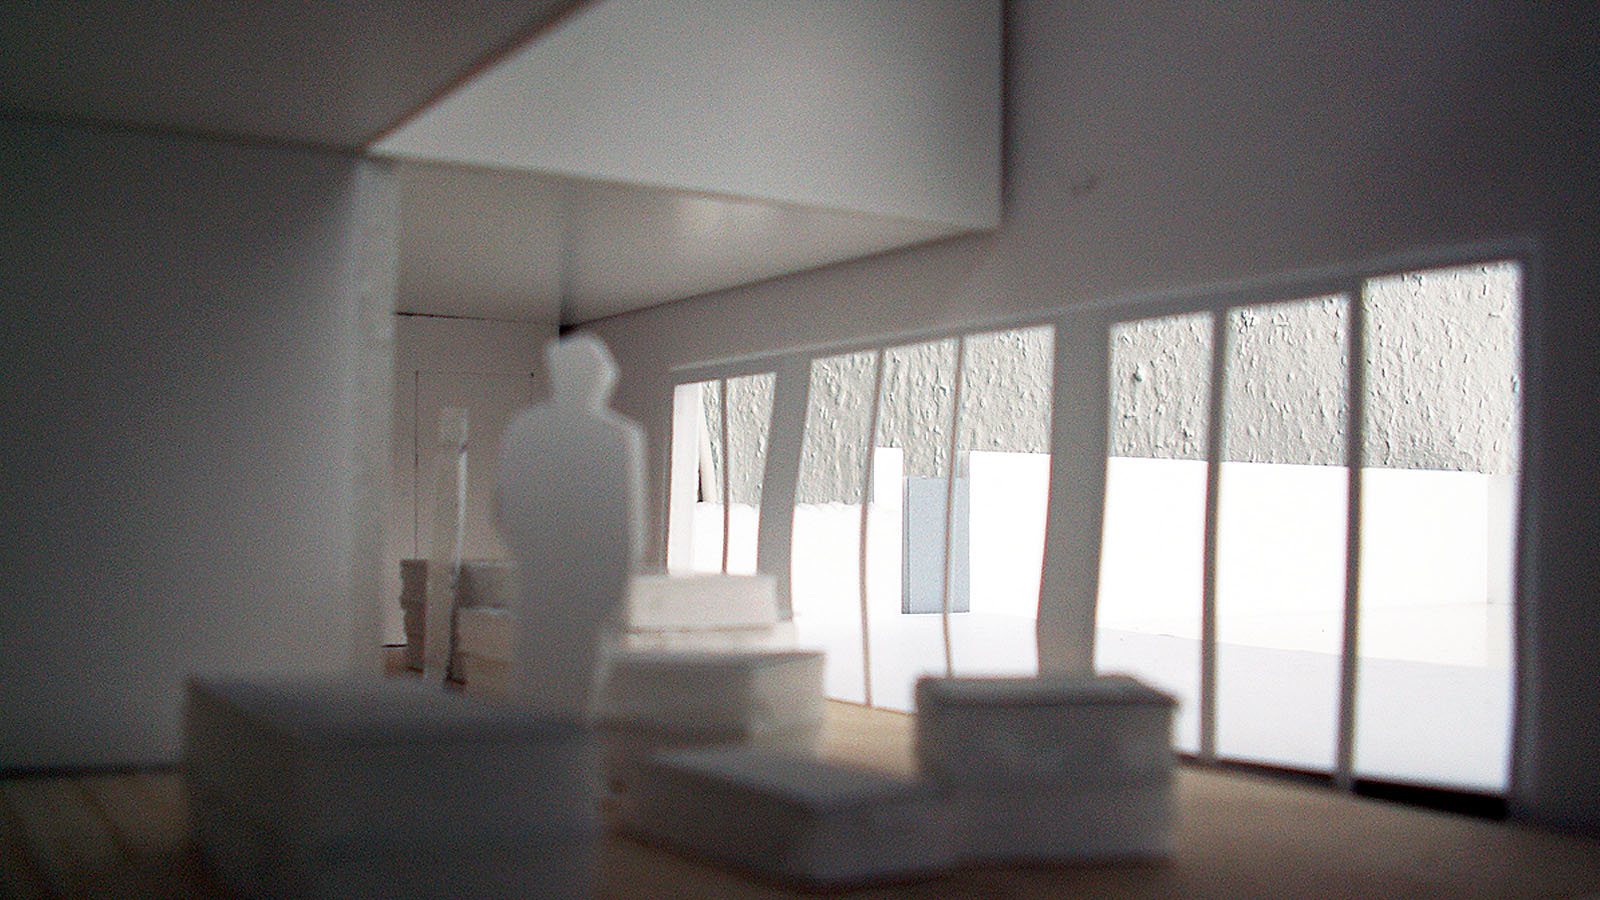 Woonkamer Met Vide : Architect ir rolf moors eindhoven perspectief woonkamer